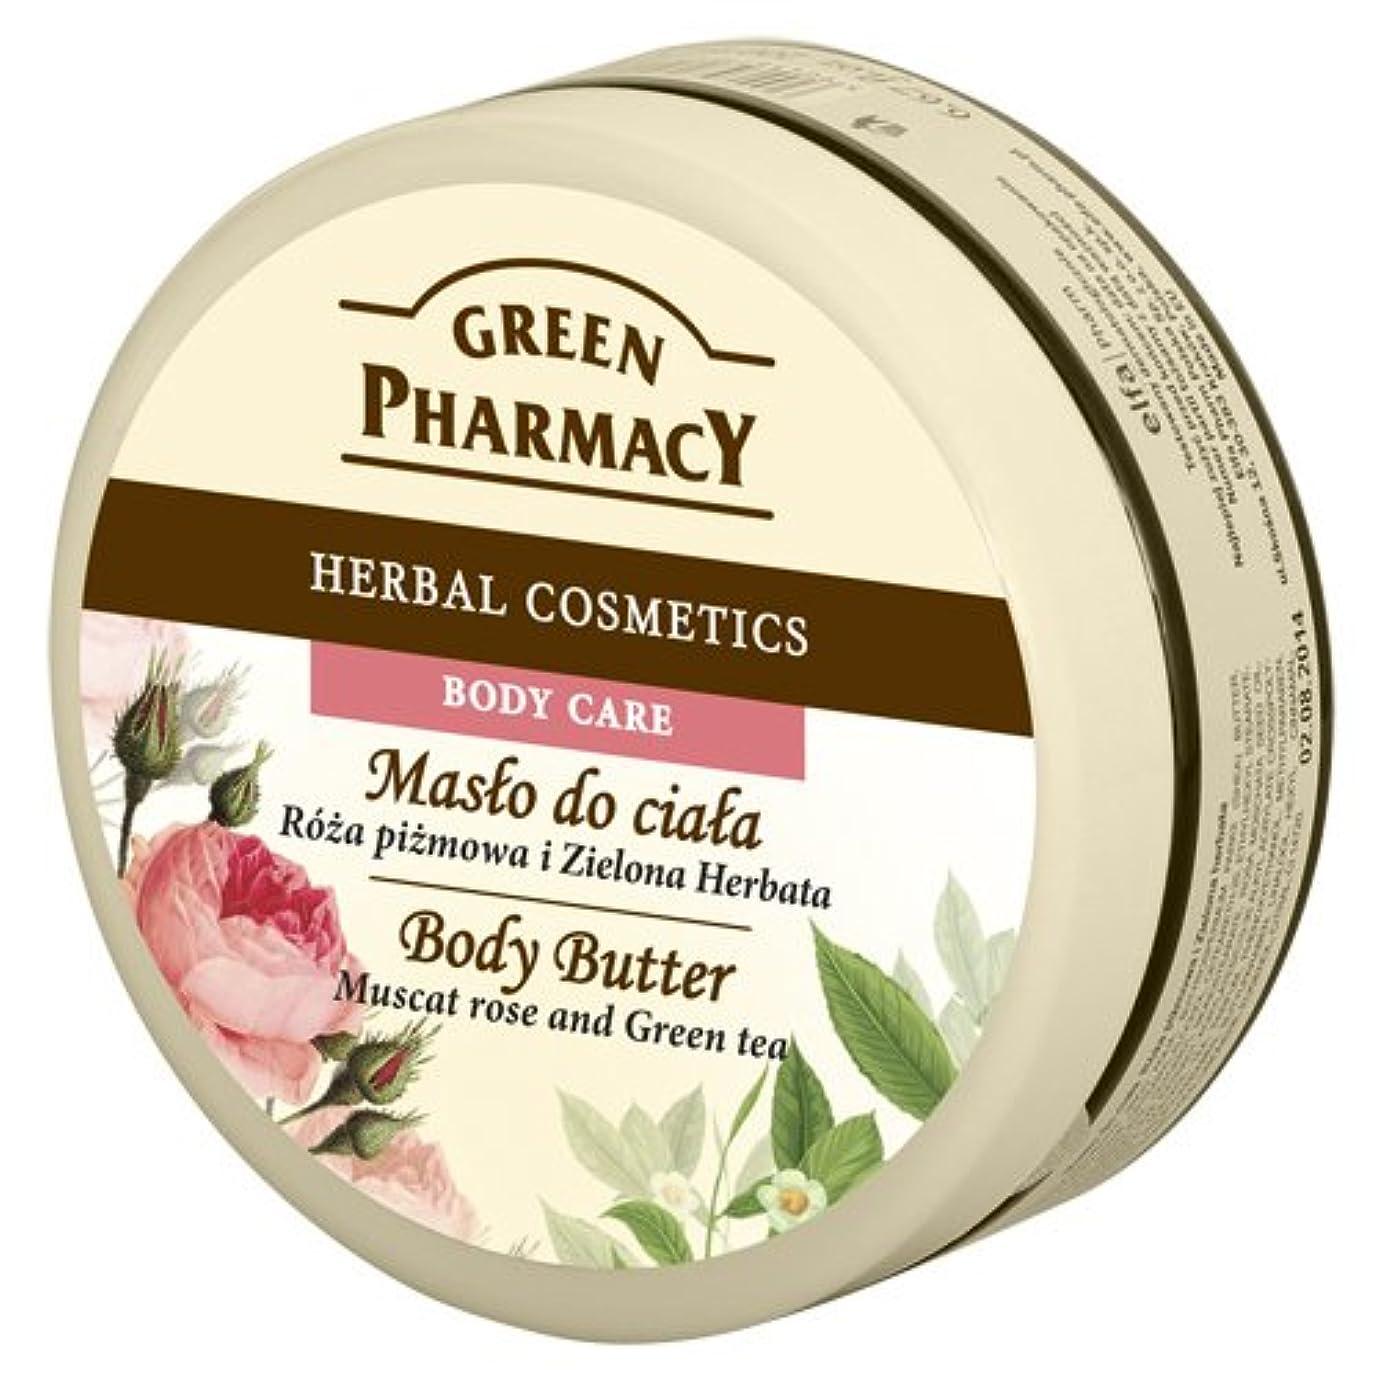 ビザあえぎ満足させるElfa Pharm Green Pharmacy グリーンファーマシー Body Butter ボディバター Muscat Rose and Green Tea